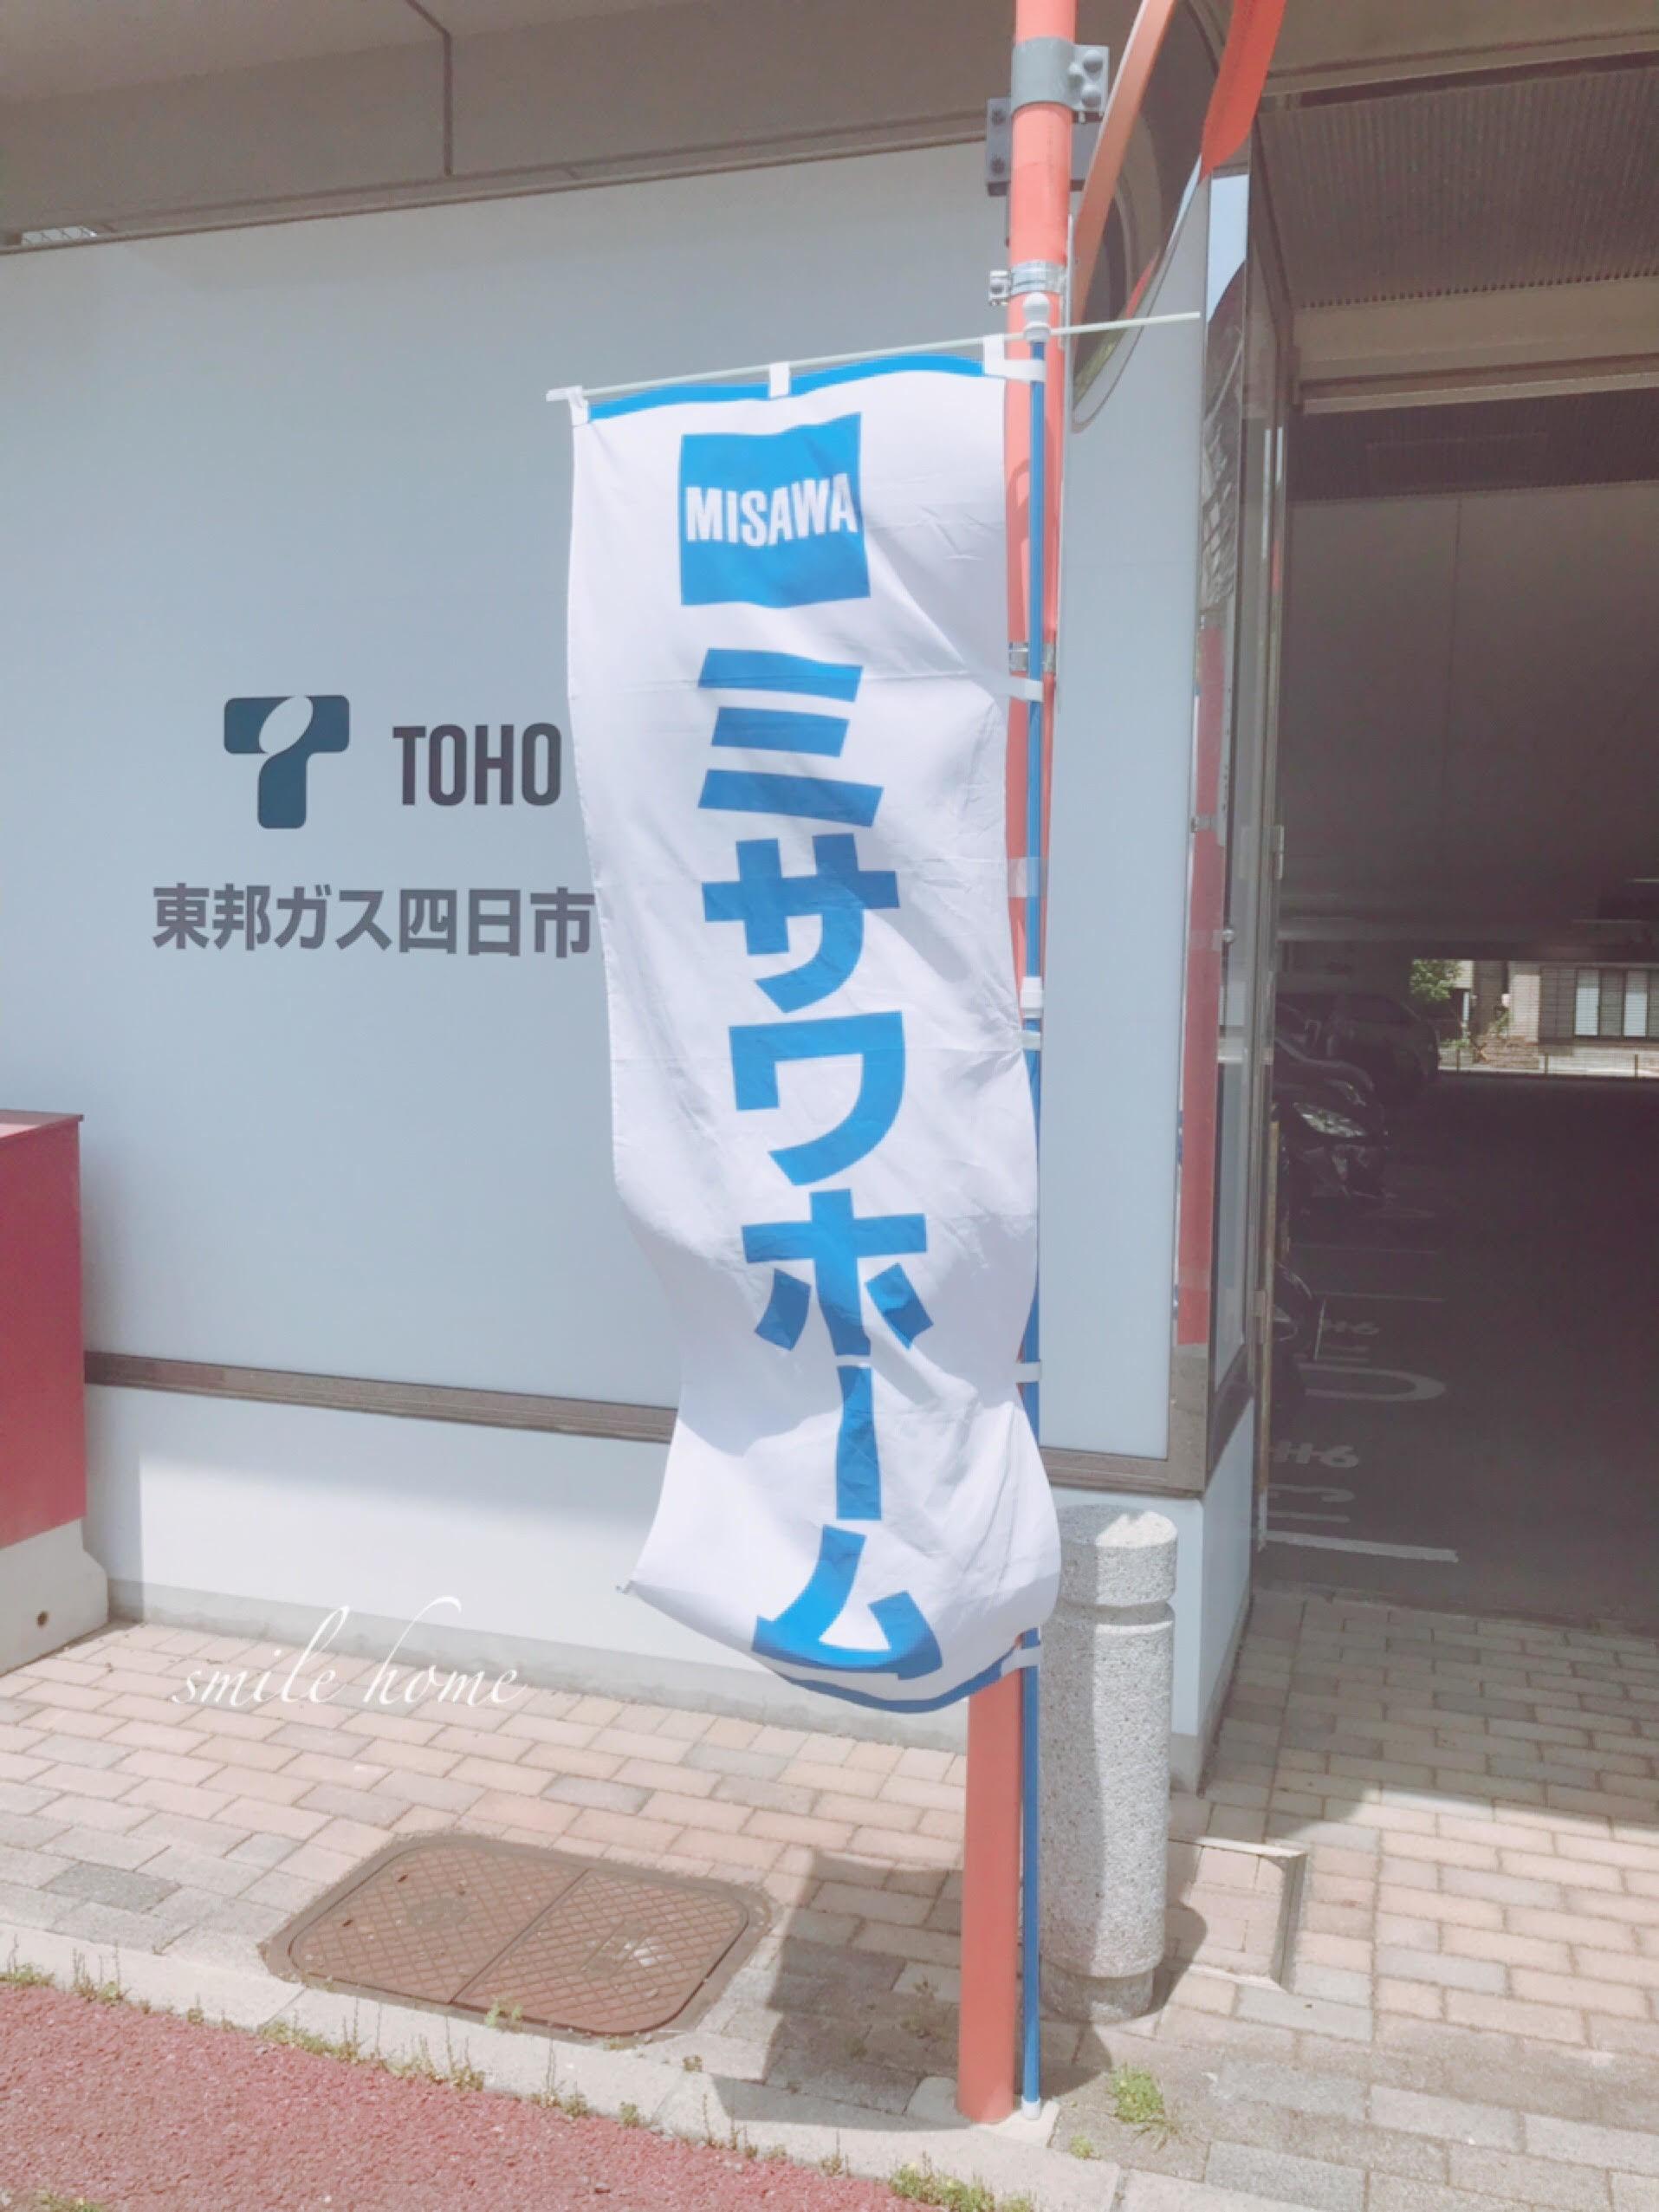 ミサワホーム様での新築セミナー_e0303386_14531392.jpg